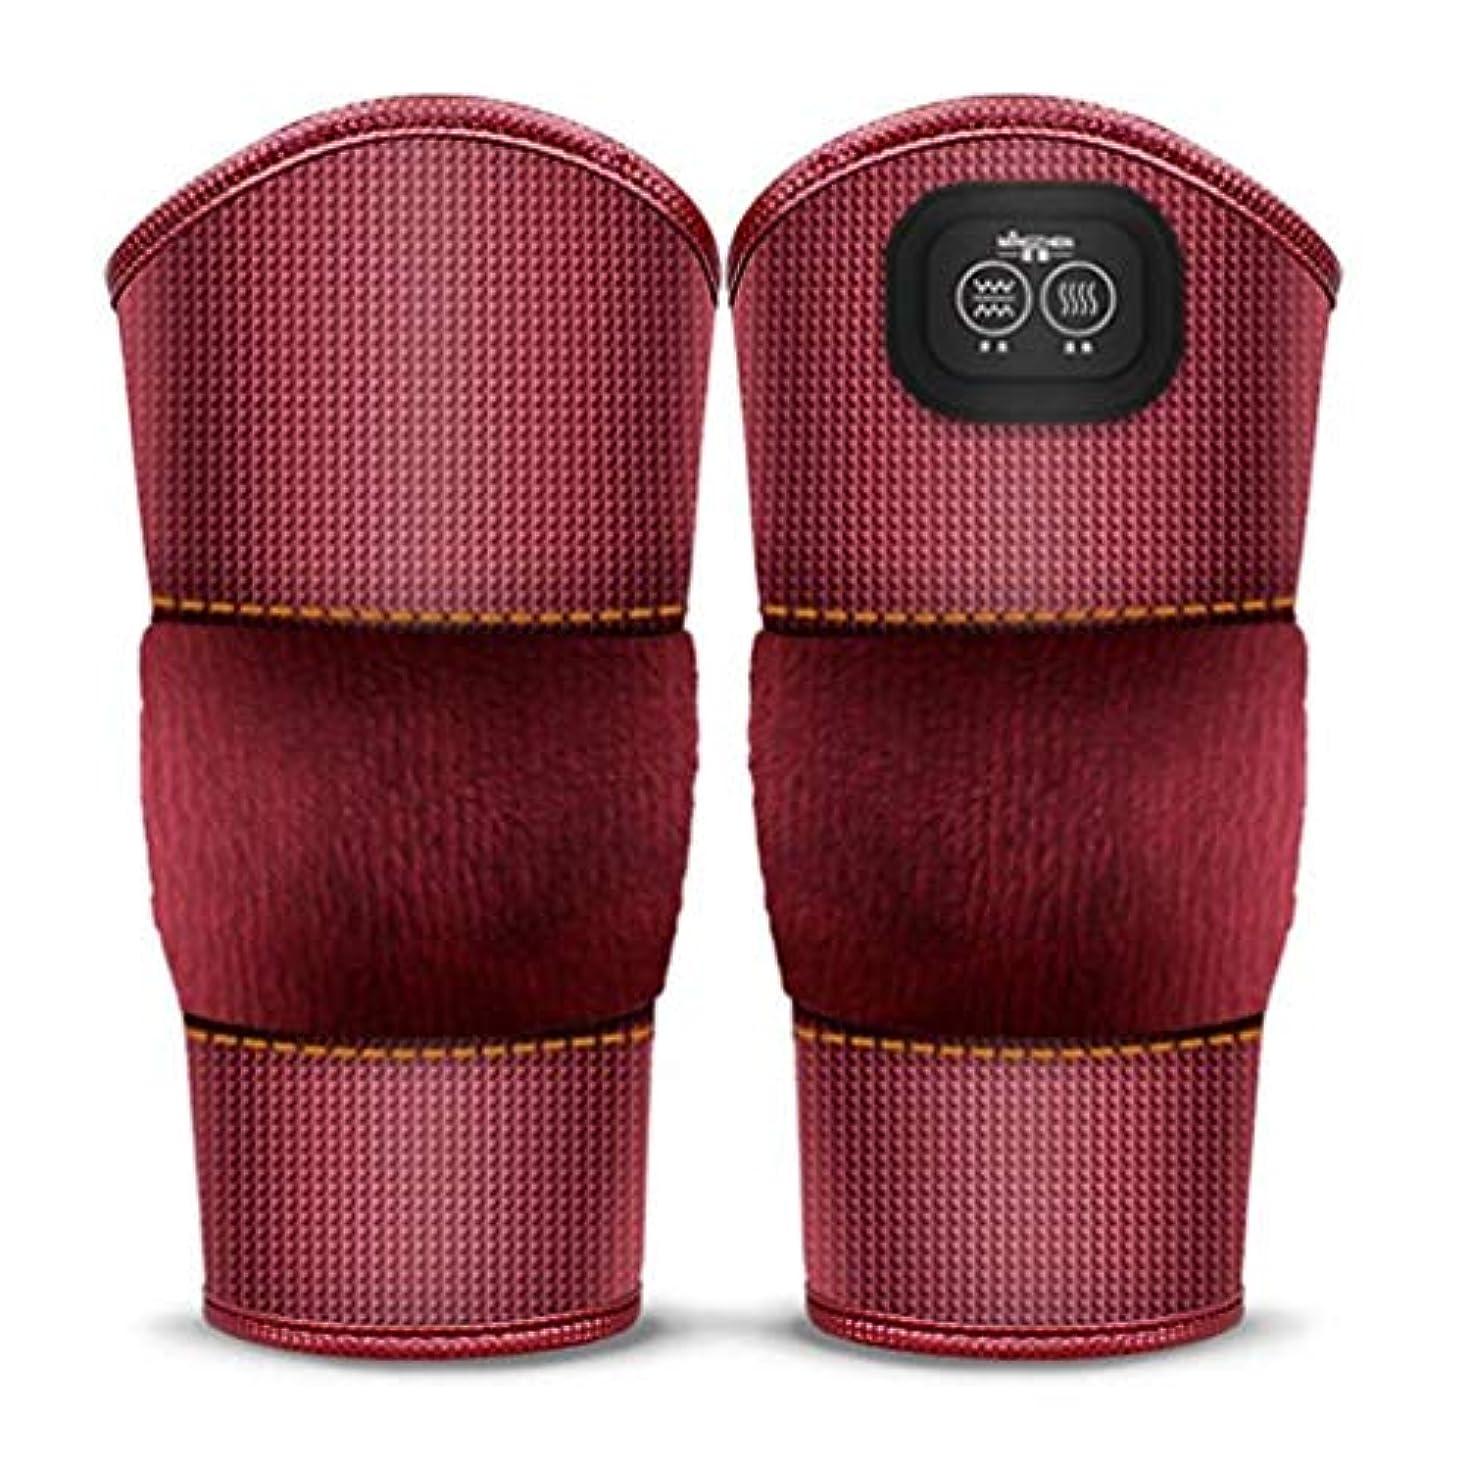 引き付ける没頭する装備するマッサージ加熱膝ブレースラップ、プロフェッショナルな膝サポートパッド、膝捻挫の痛み、関節炎の痛み、古い冷たい脚の関節痛